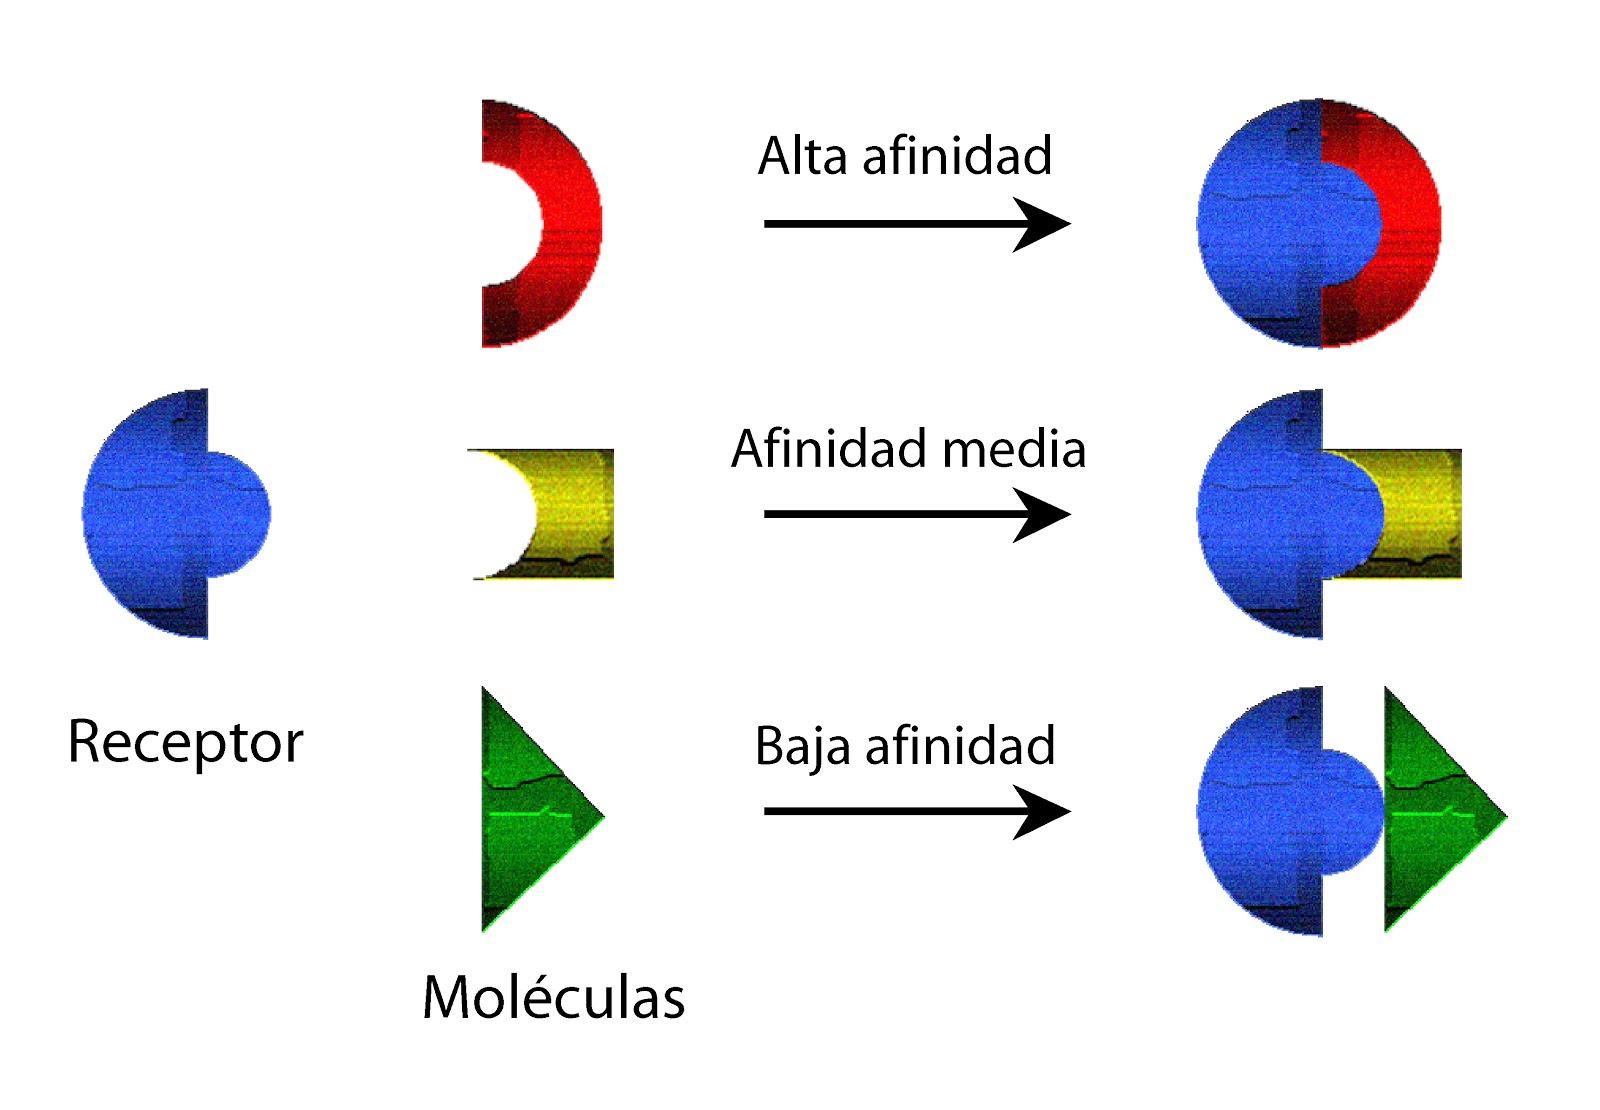 Modelo ilustrativo de la relación receptor-hormona